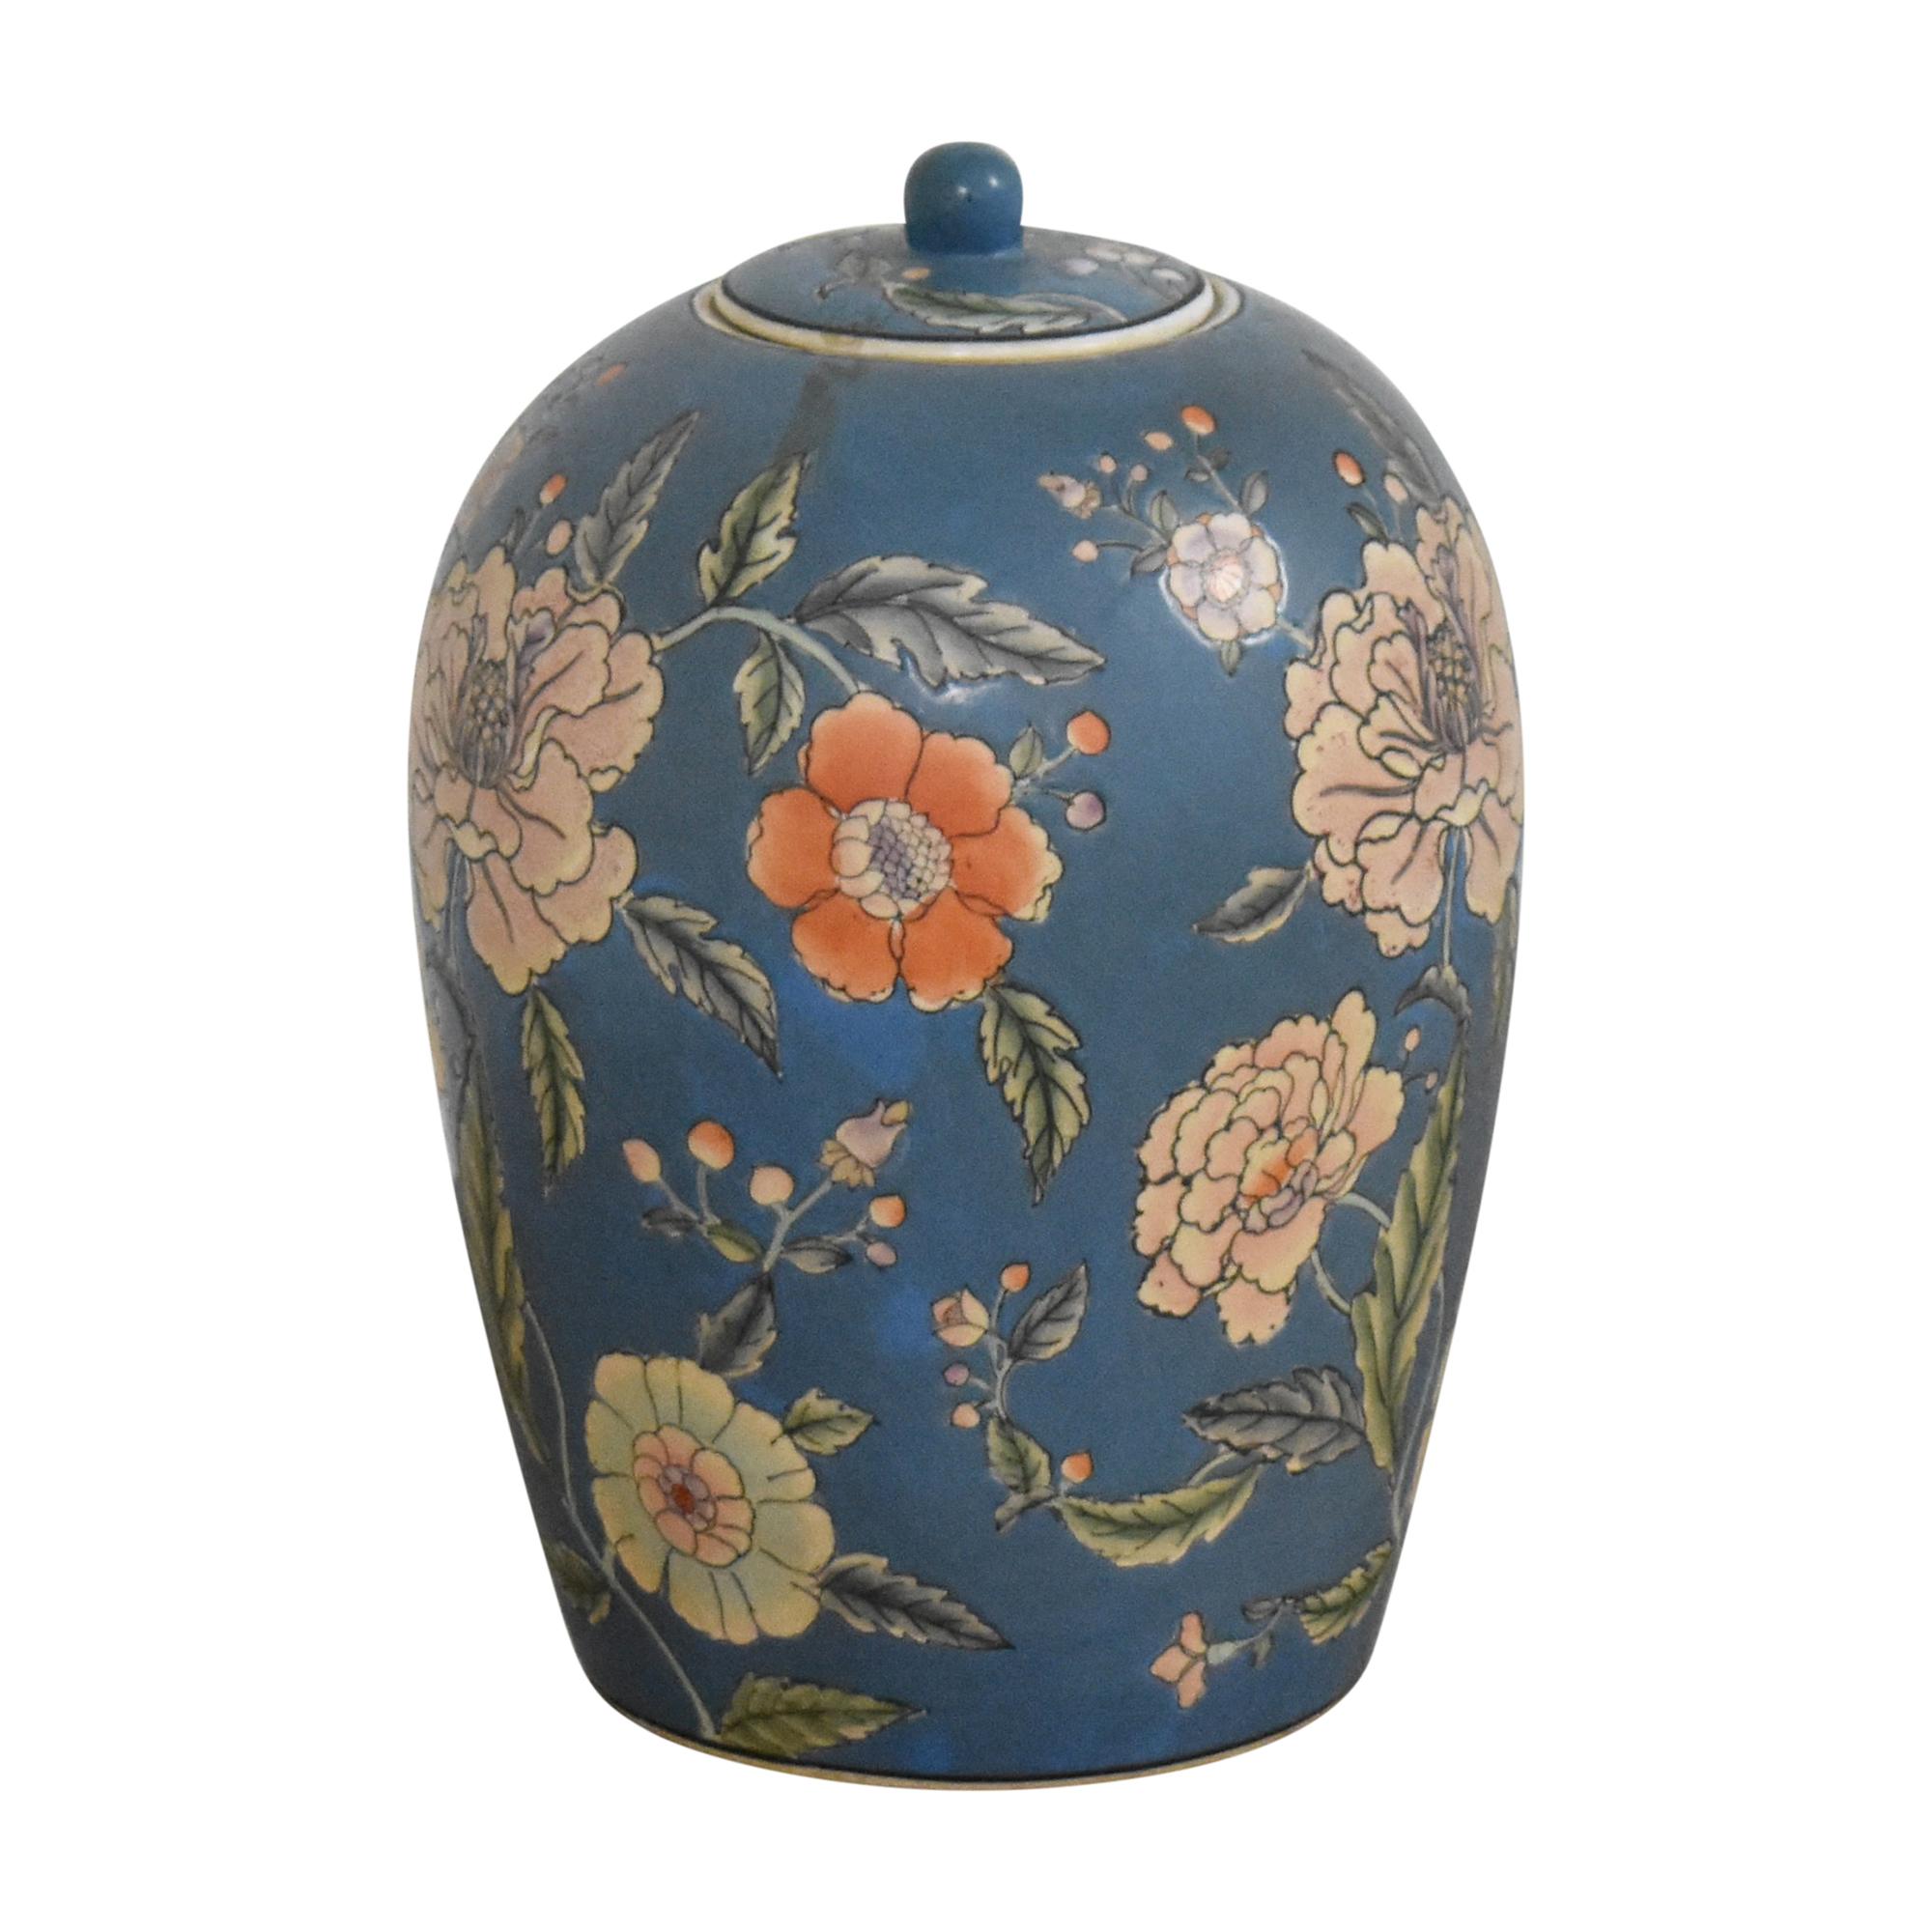 Large Decorative Floral Urn Decorative Accents